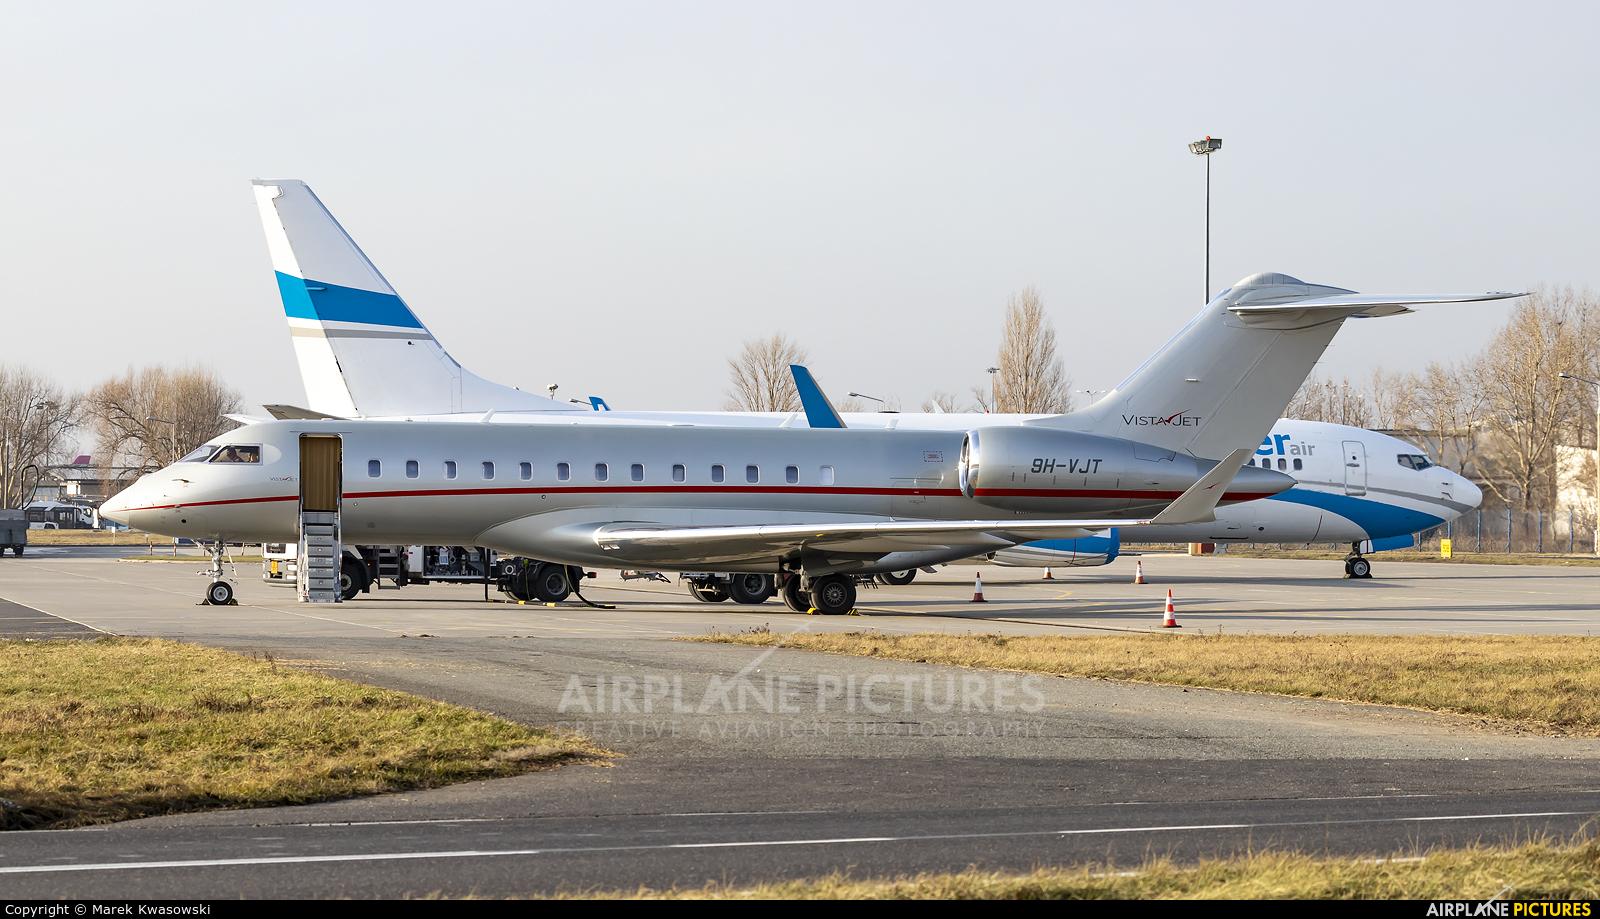 Vistajet 9H-VJT aircraft at Warsaw - Frederic Chopin